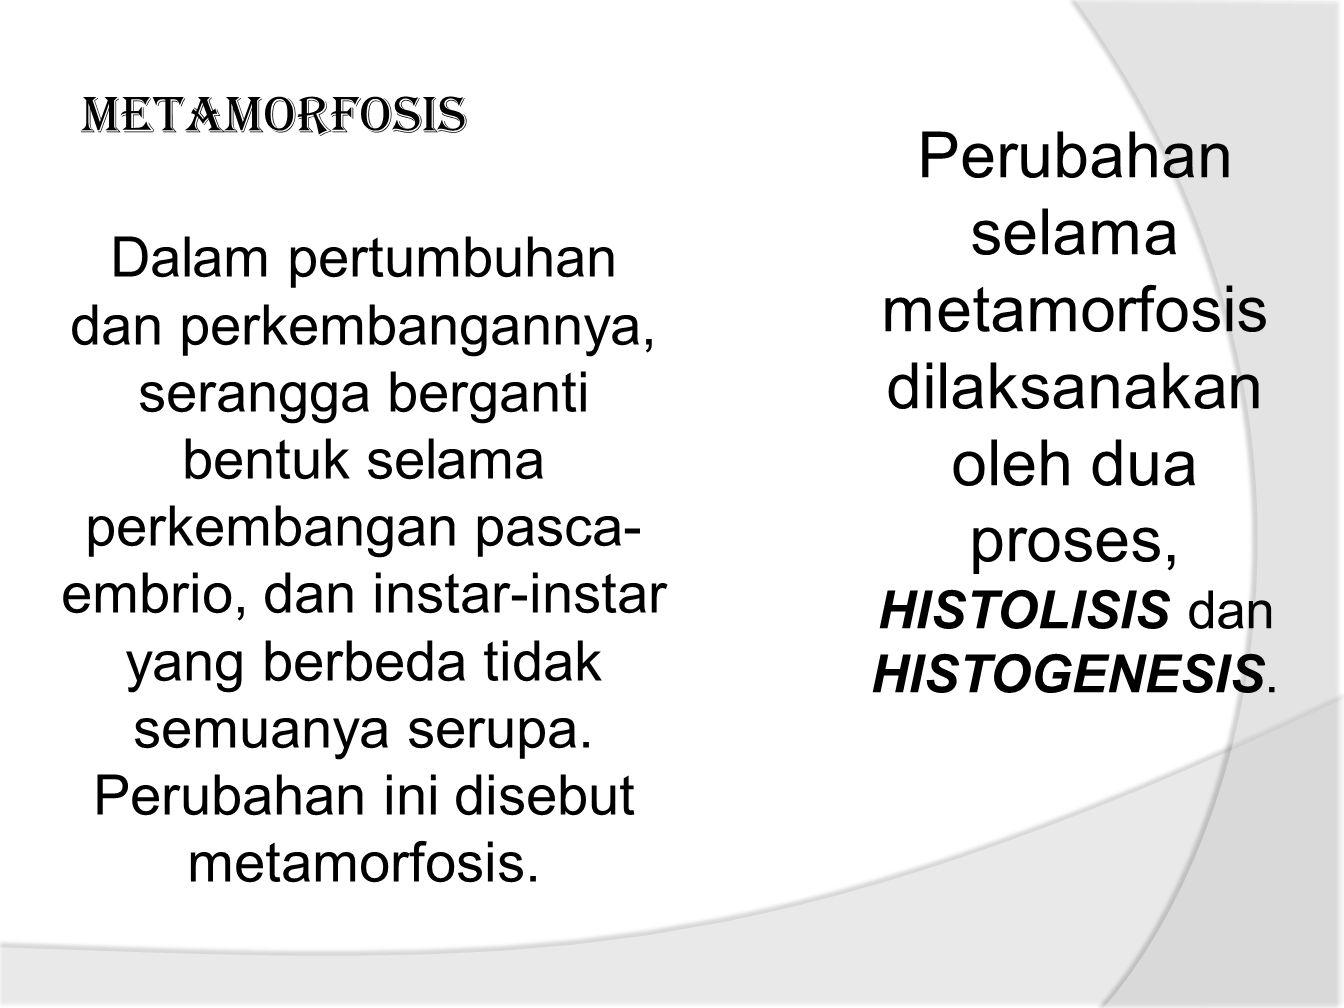 Perubahan selama metamorfosis dilaksanakan oleh dua proses, HISTOLISIS dan HISTOGENESIS.